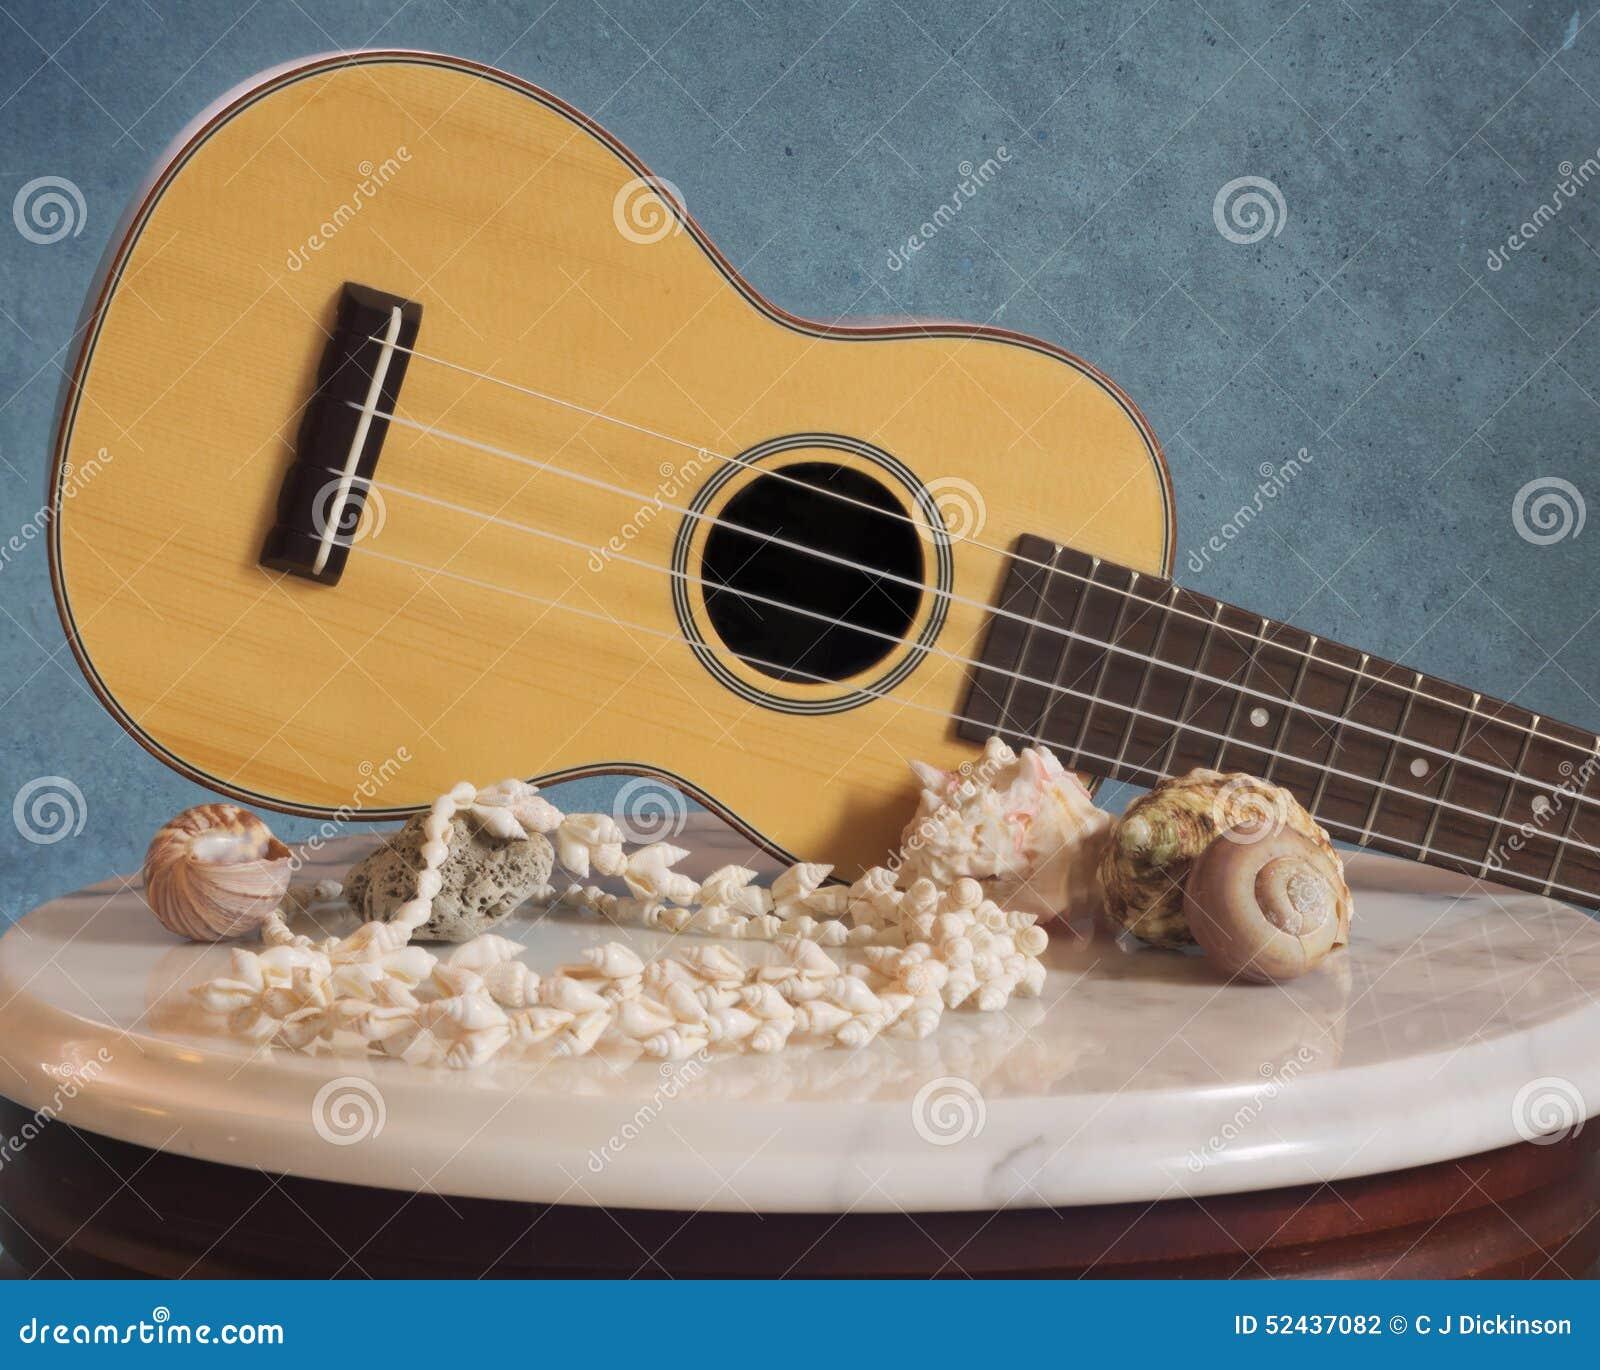 Rosewood Ukulele With Sea Shell Decor Stock Photo Image Of Rosewood Musician 52437082